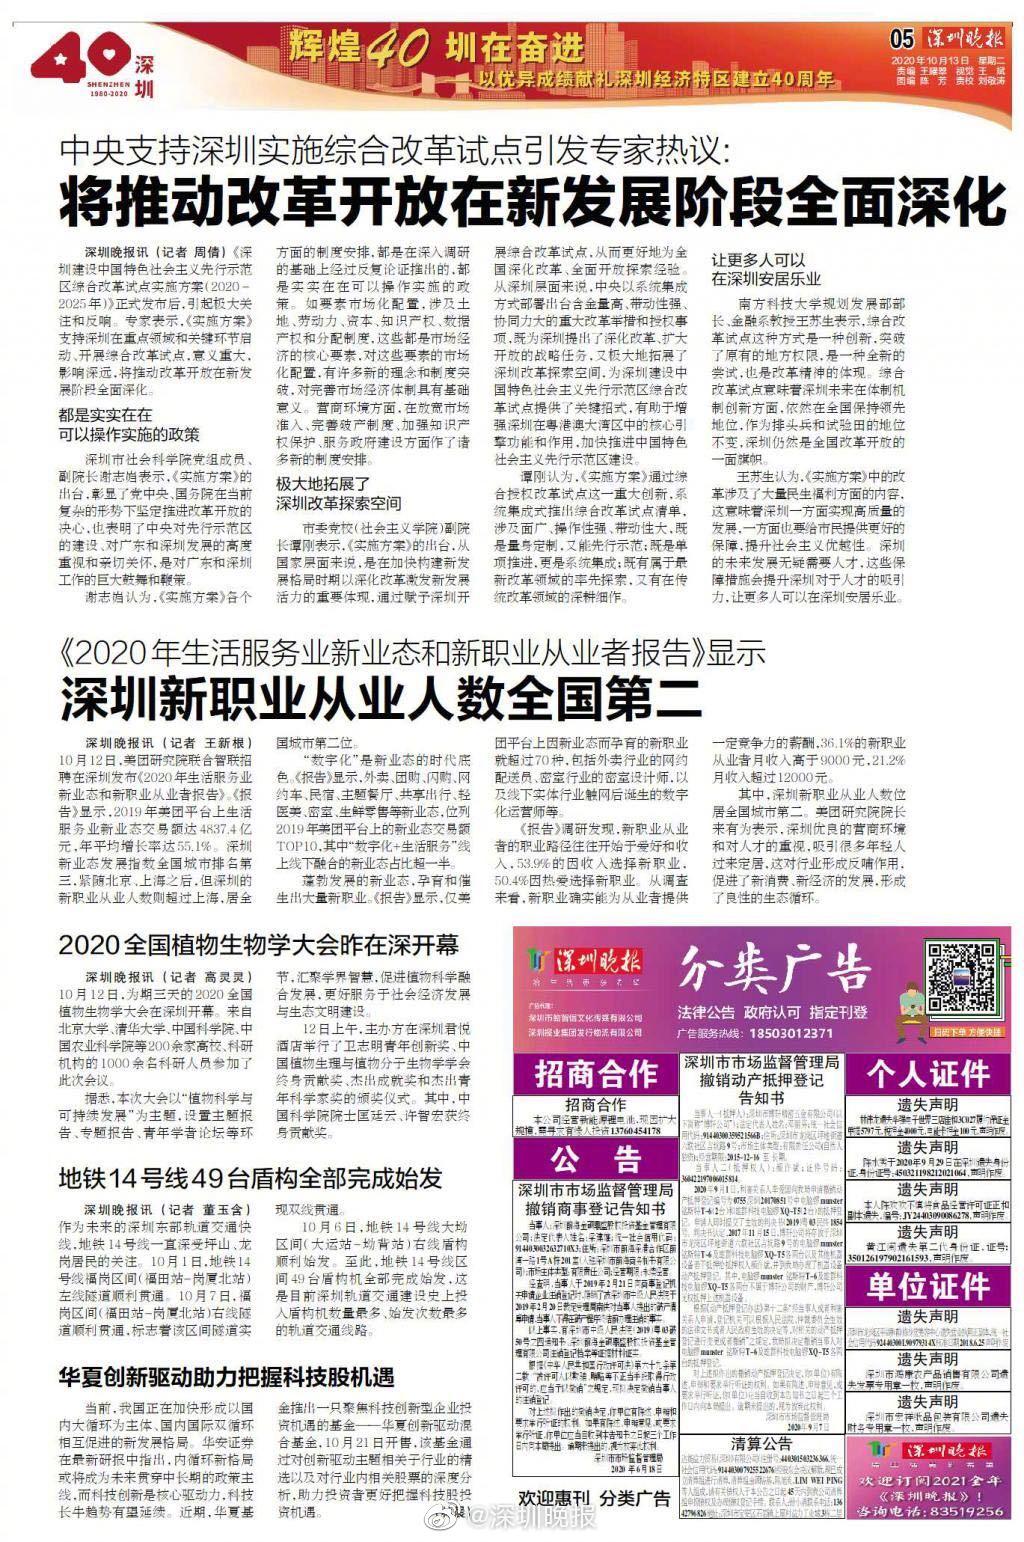 深晚荐读 深圳新职业从业人数全国第二,包括网约配送员、密室设计师